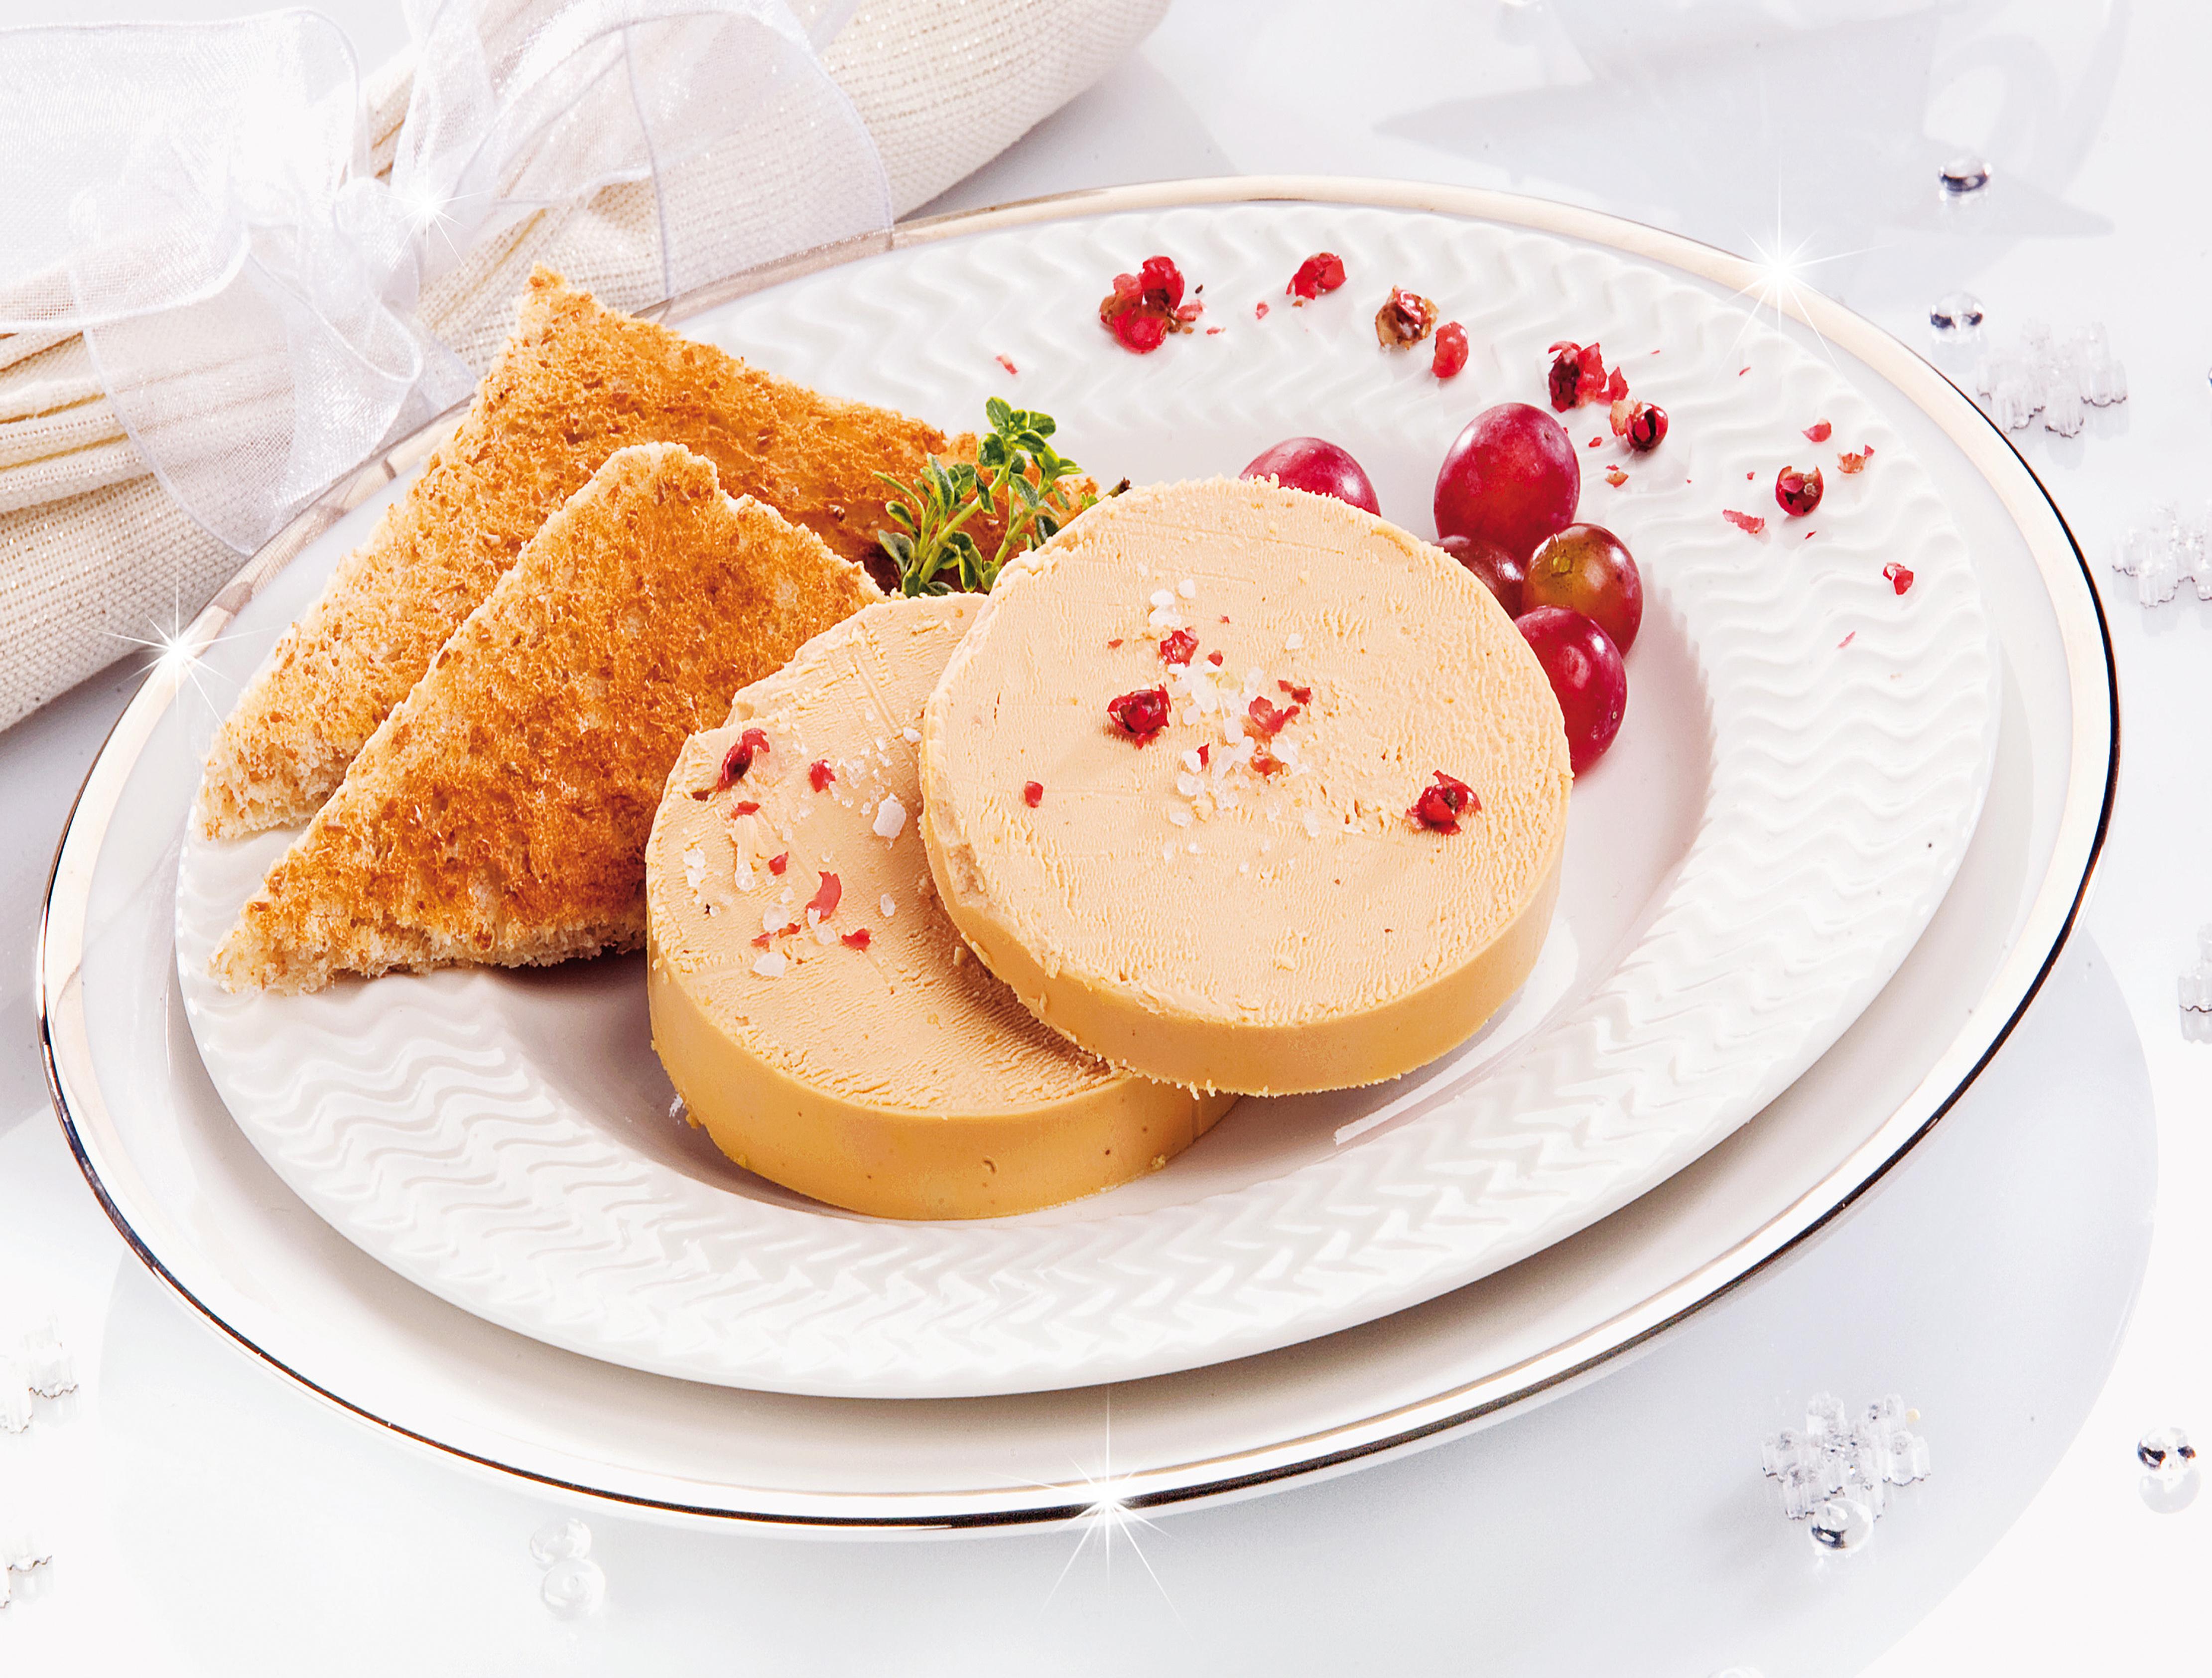 Spécial Noël : commandez votre foie gras fait maison - Spécialité Niagara